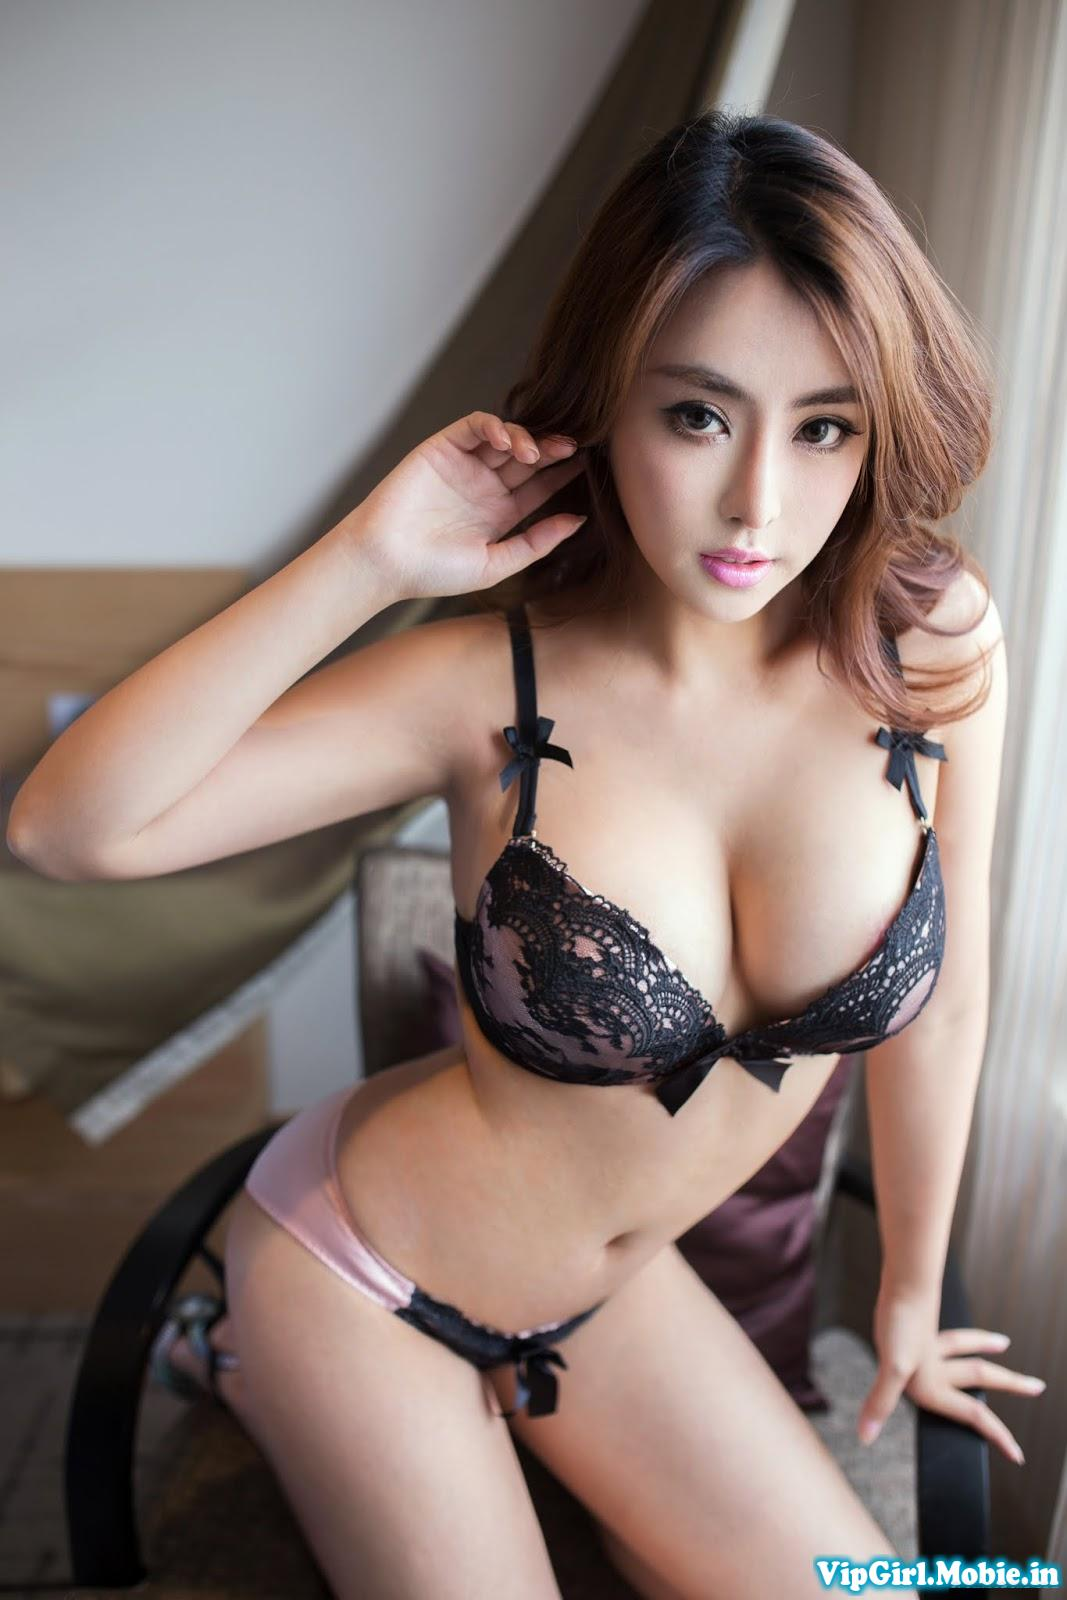 Gái Xinh Sexy Quyến rũ Ngực đẹp với bikini đen